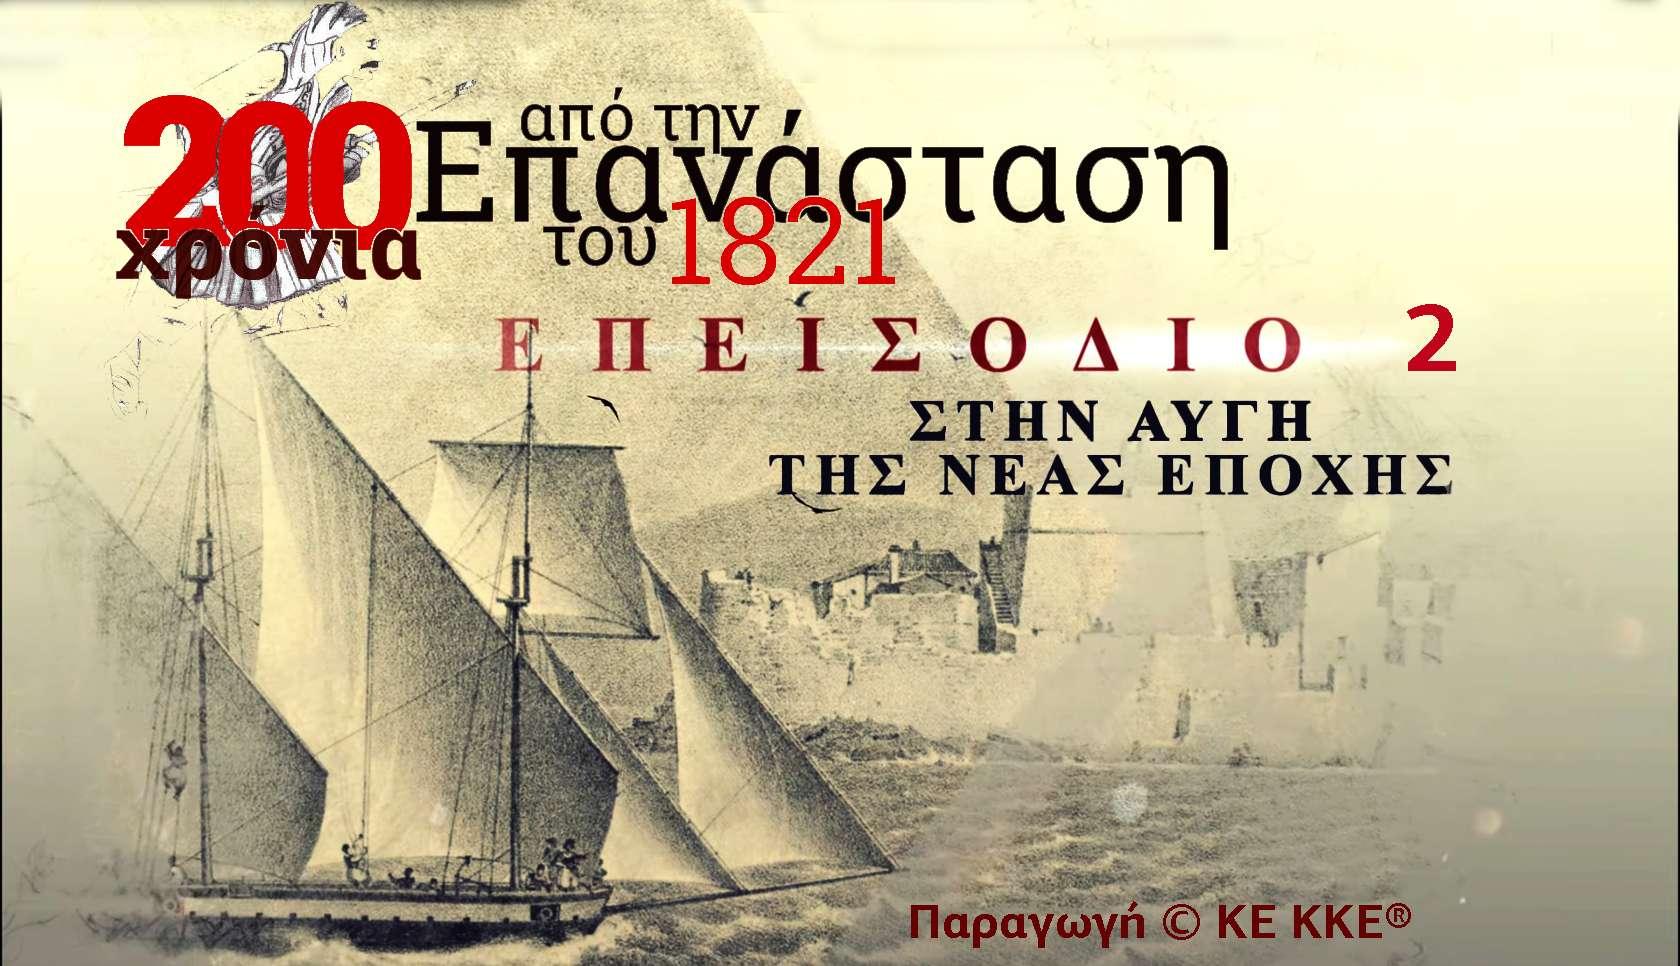 200 Χρόνια Επανάσταση 1821 ΚΕ ΚΚΕ 2ο Video